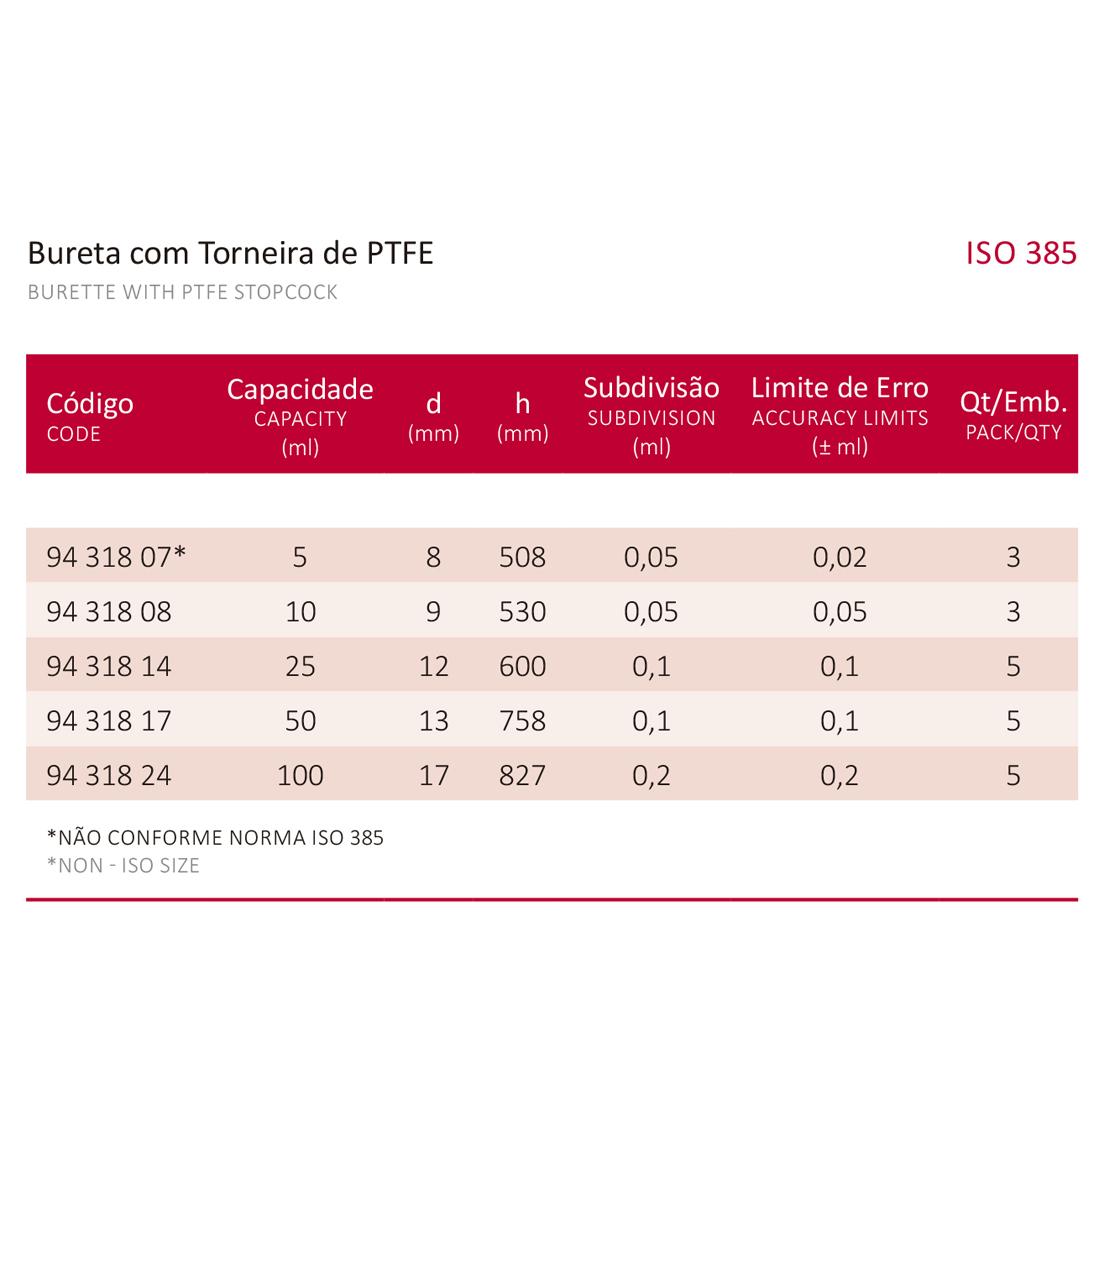 BURETA COM TORNEIRA DE PTFE 25 ML - Laborglas - 9431814